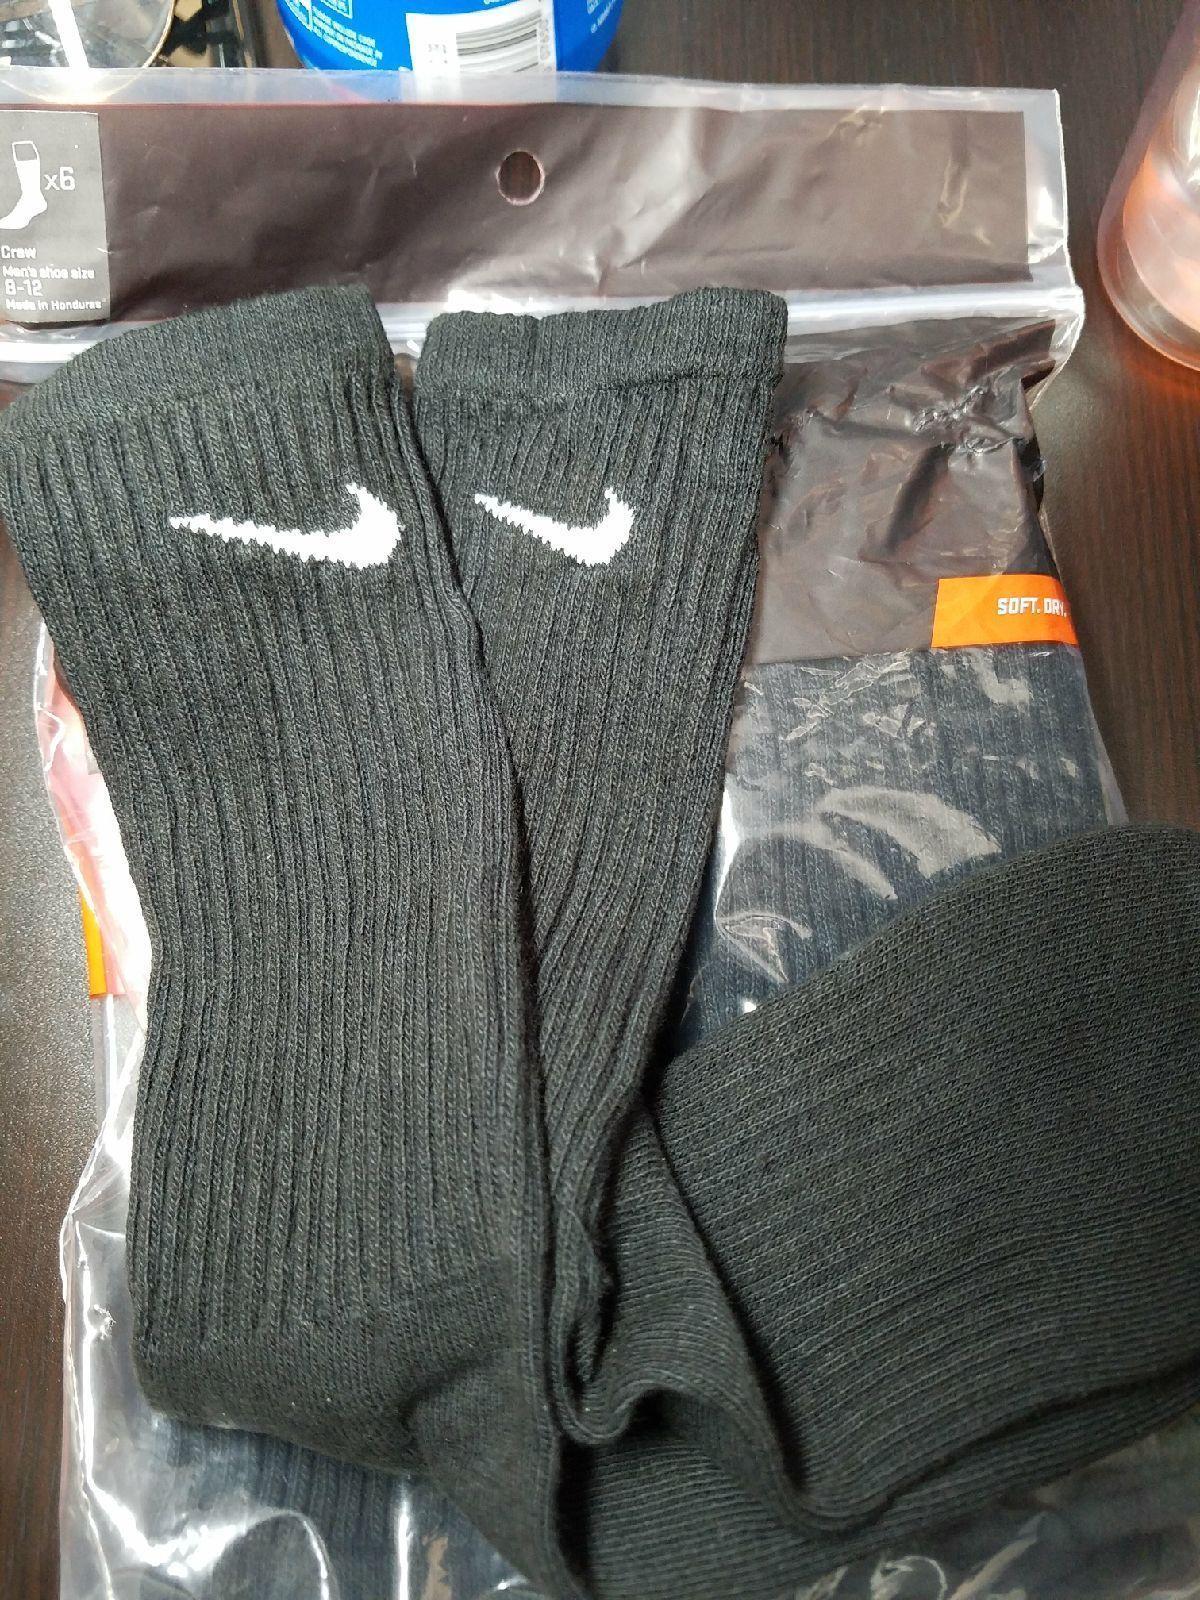 4 PAIRS of Men's Nike Crew Socks